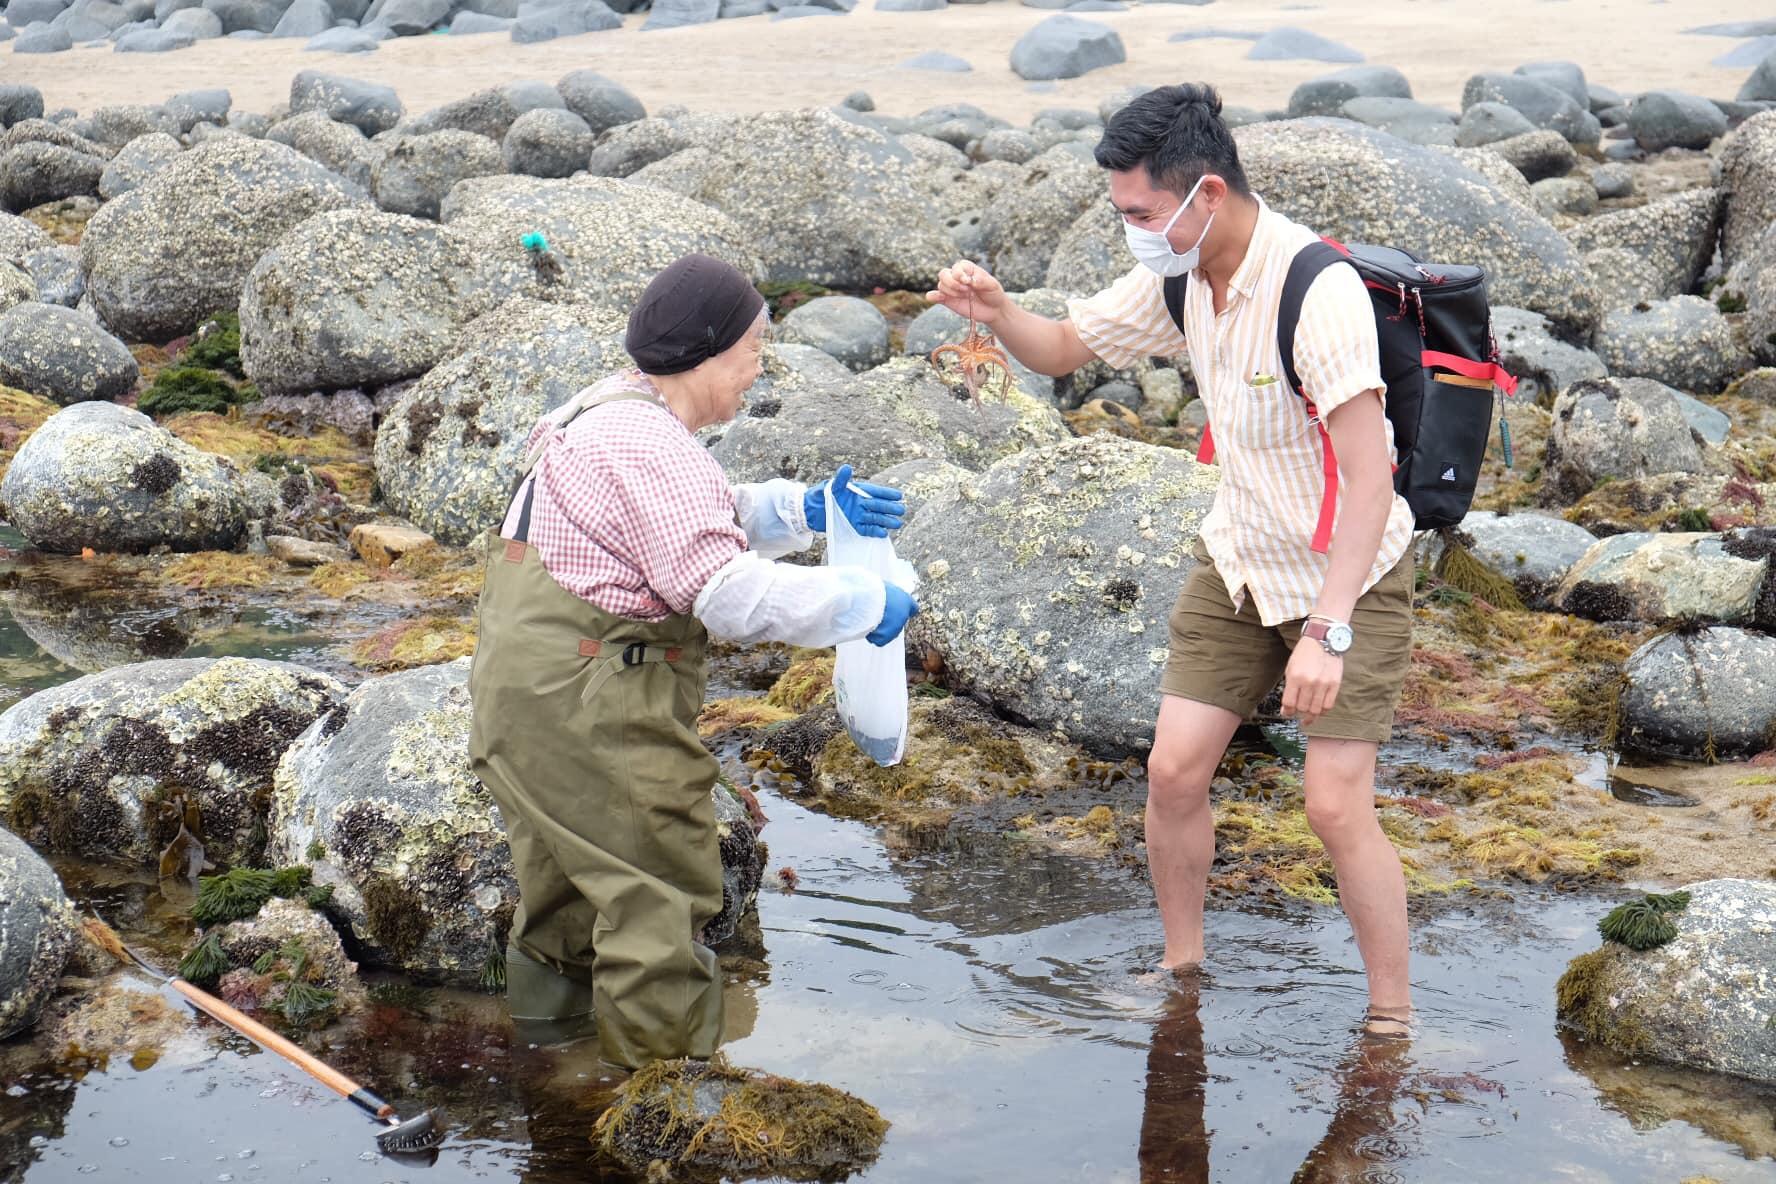 """Chàng trai Việt xin nghỉ việc, dành một tháng """"phượt"""" 10 tỉnh của Nhật Bản - Ảnh 13."""